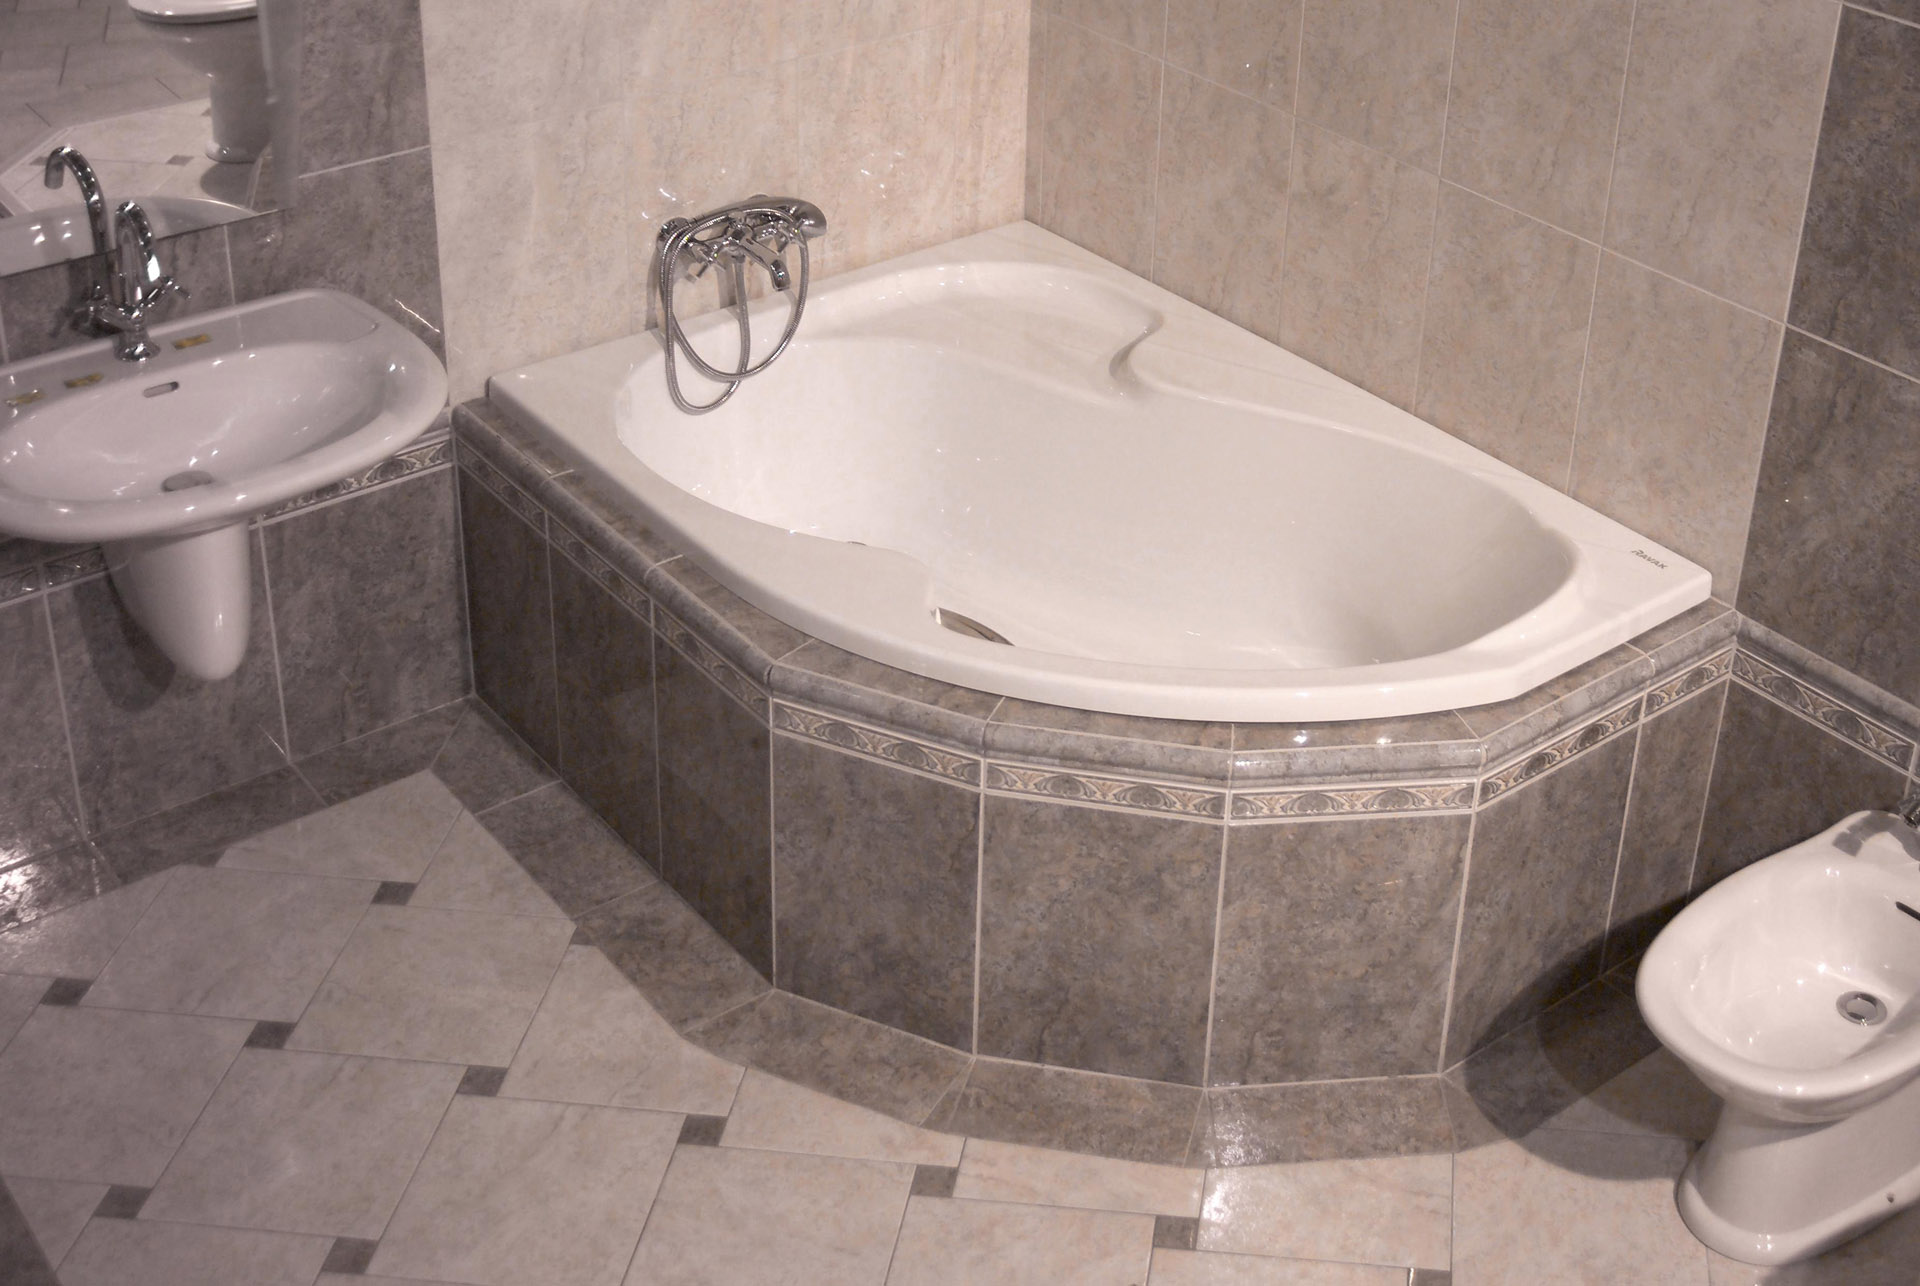 Углубление под ноги в ванной фото 1 фотография